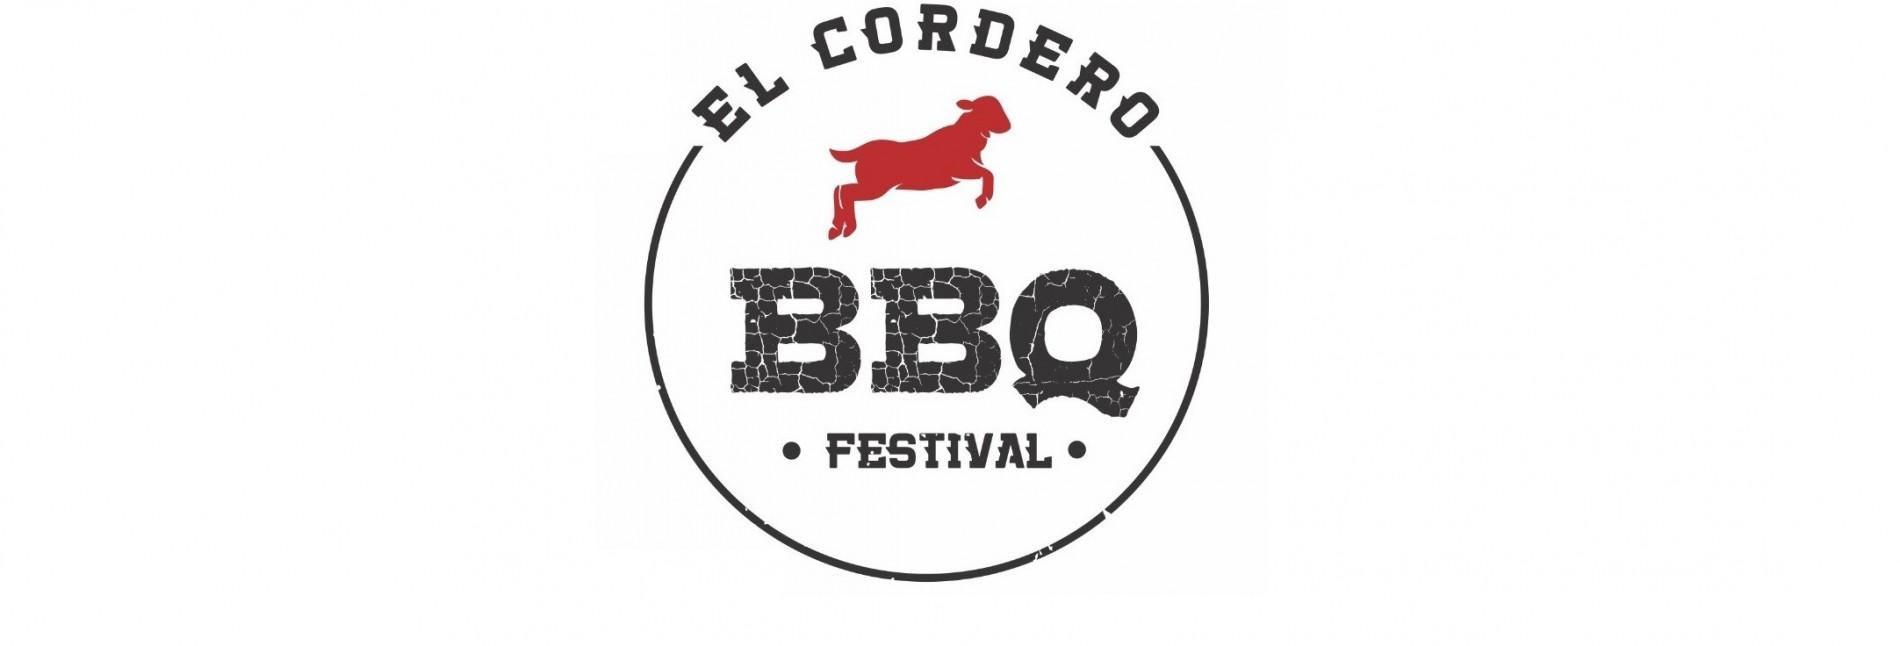 1º El Cordero BBQ Festival 16 NOVEMBRO